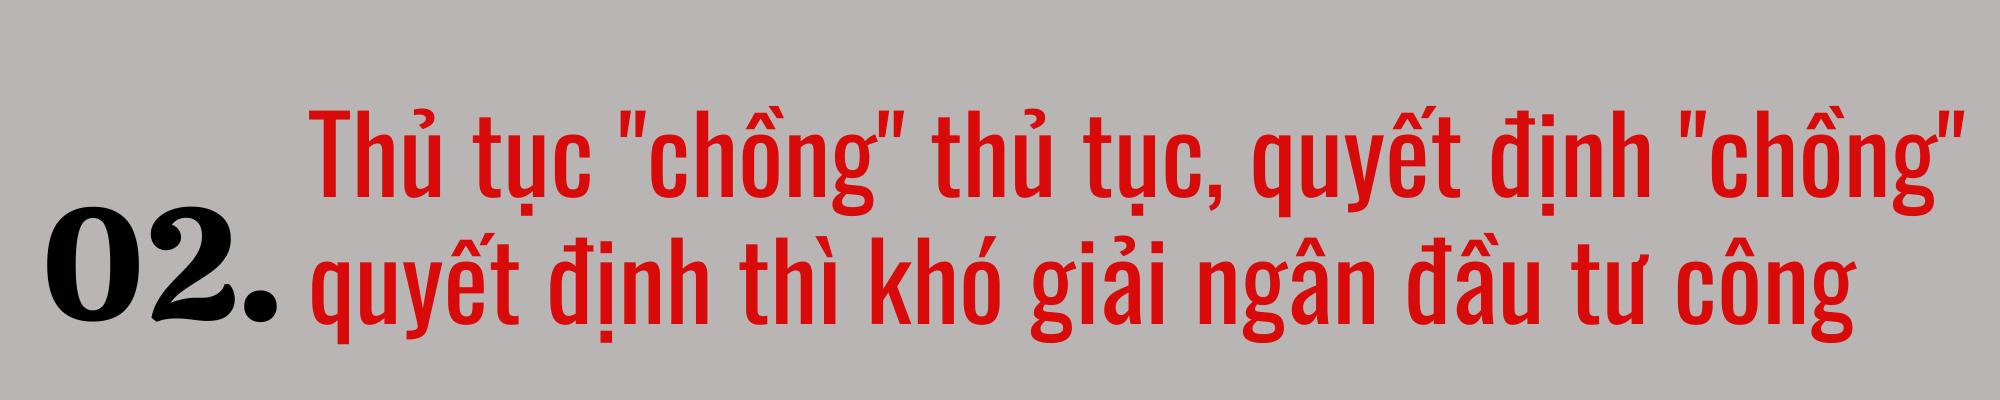 """TS. Nguyễn Đình Cung: """"Về mặt thể chế mà nói, cần một thay đổi thực sự đột phá"""" - Ảnh 3."""